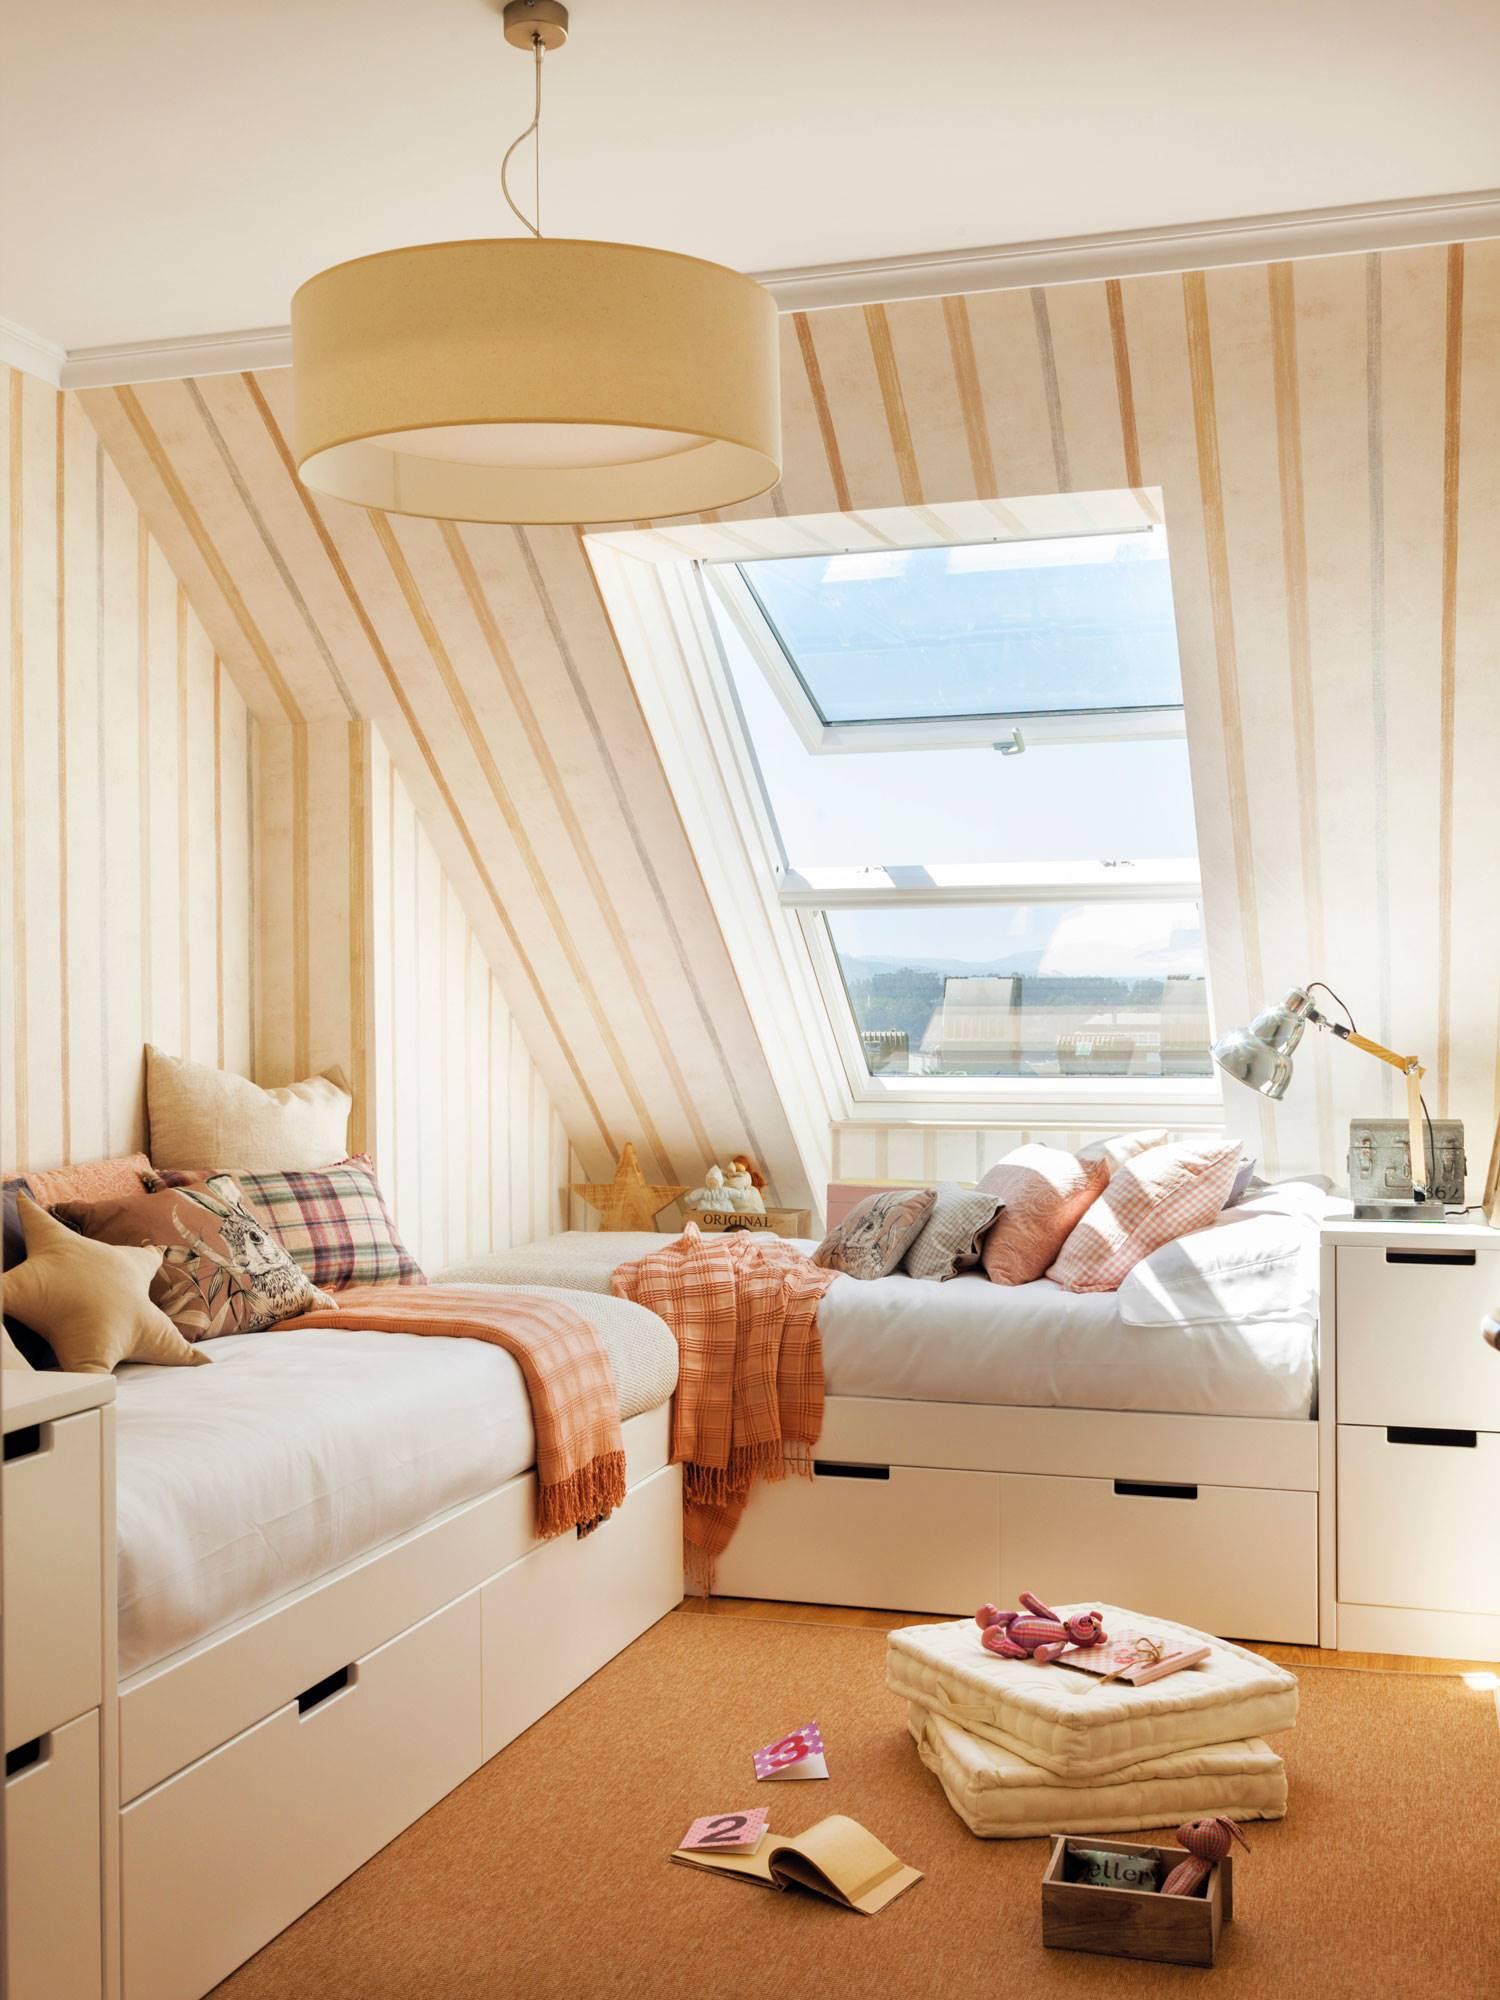 Muebles a medida: dormitorios juveniles donde todo cabe